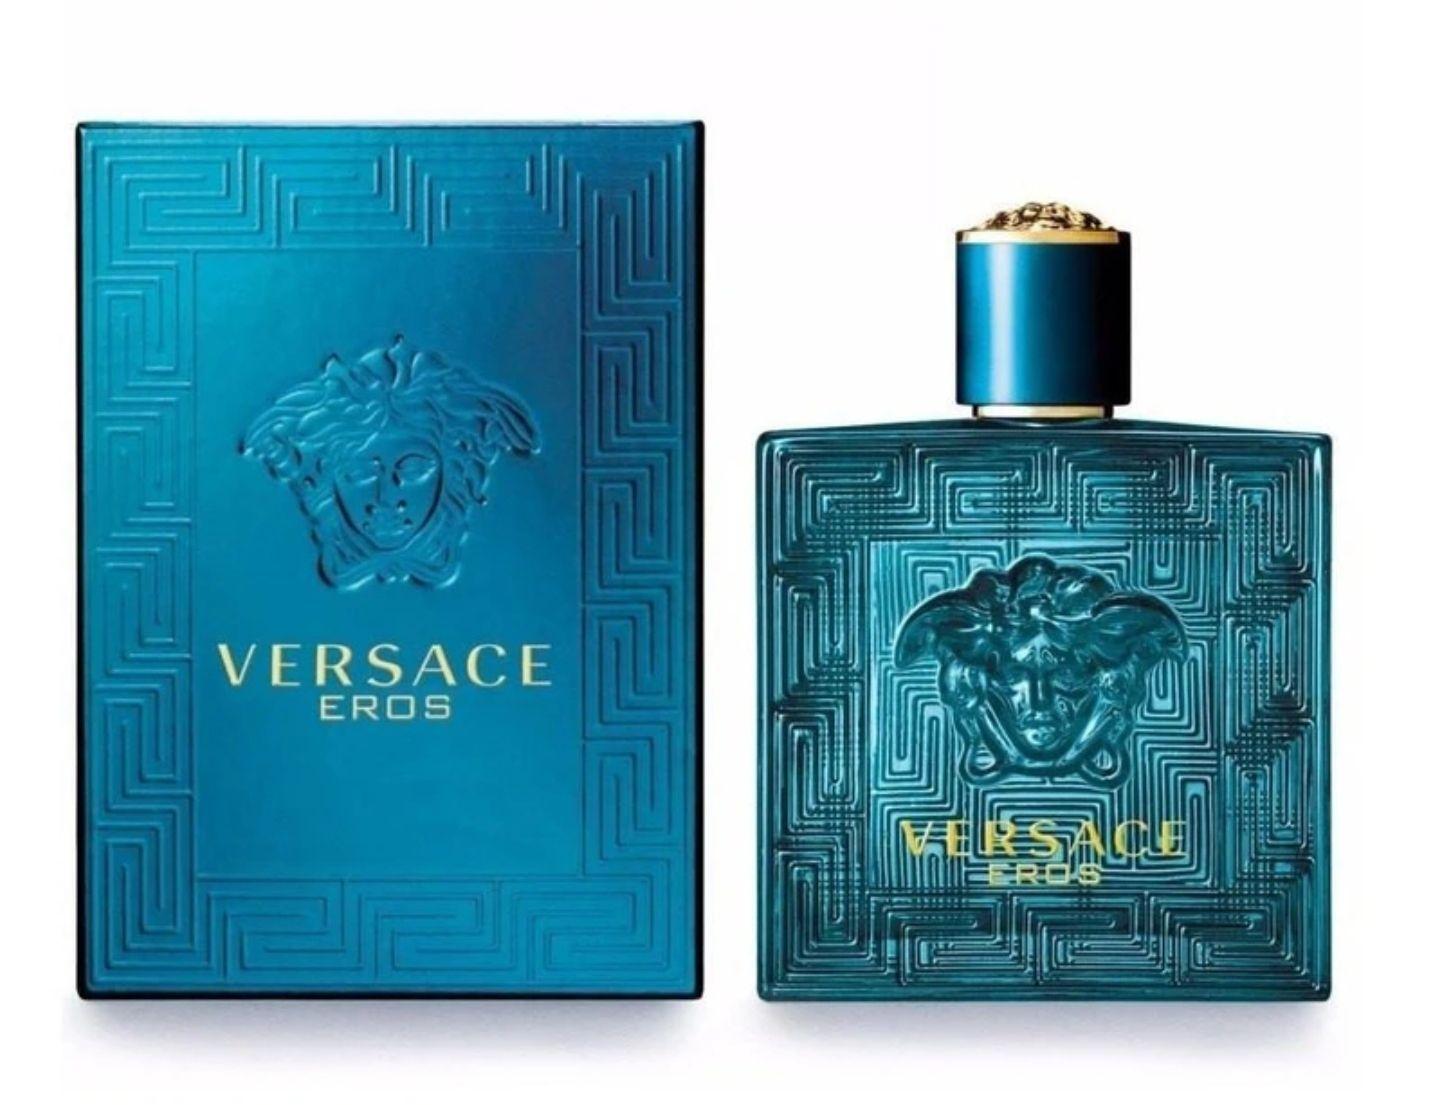 Versace Eros Eau de Toilette for Men 100ml - £52.50 @ Amazon